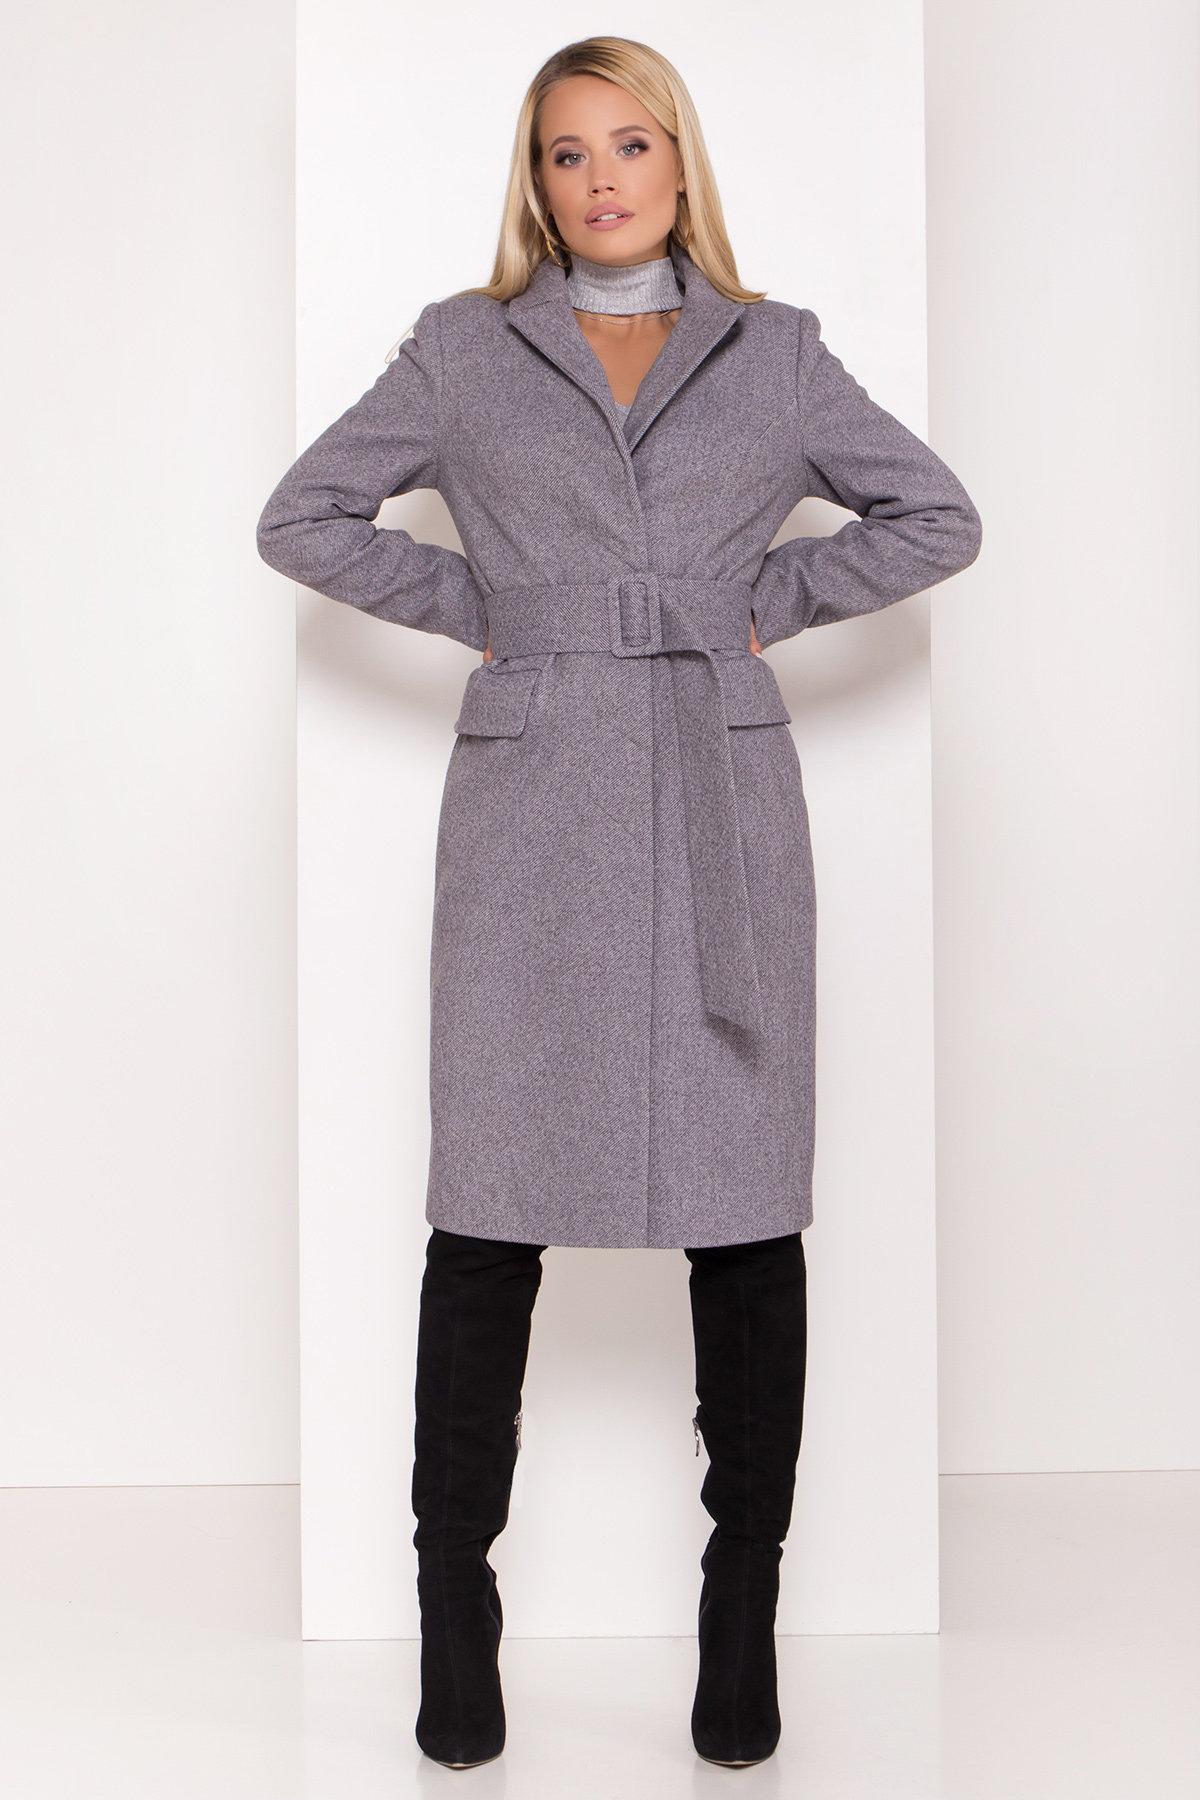 Пальто женское зимнее купить от Modus Полуприталенное зимнее пальто с отложным воротником Лабио 8182